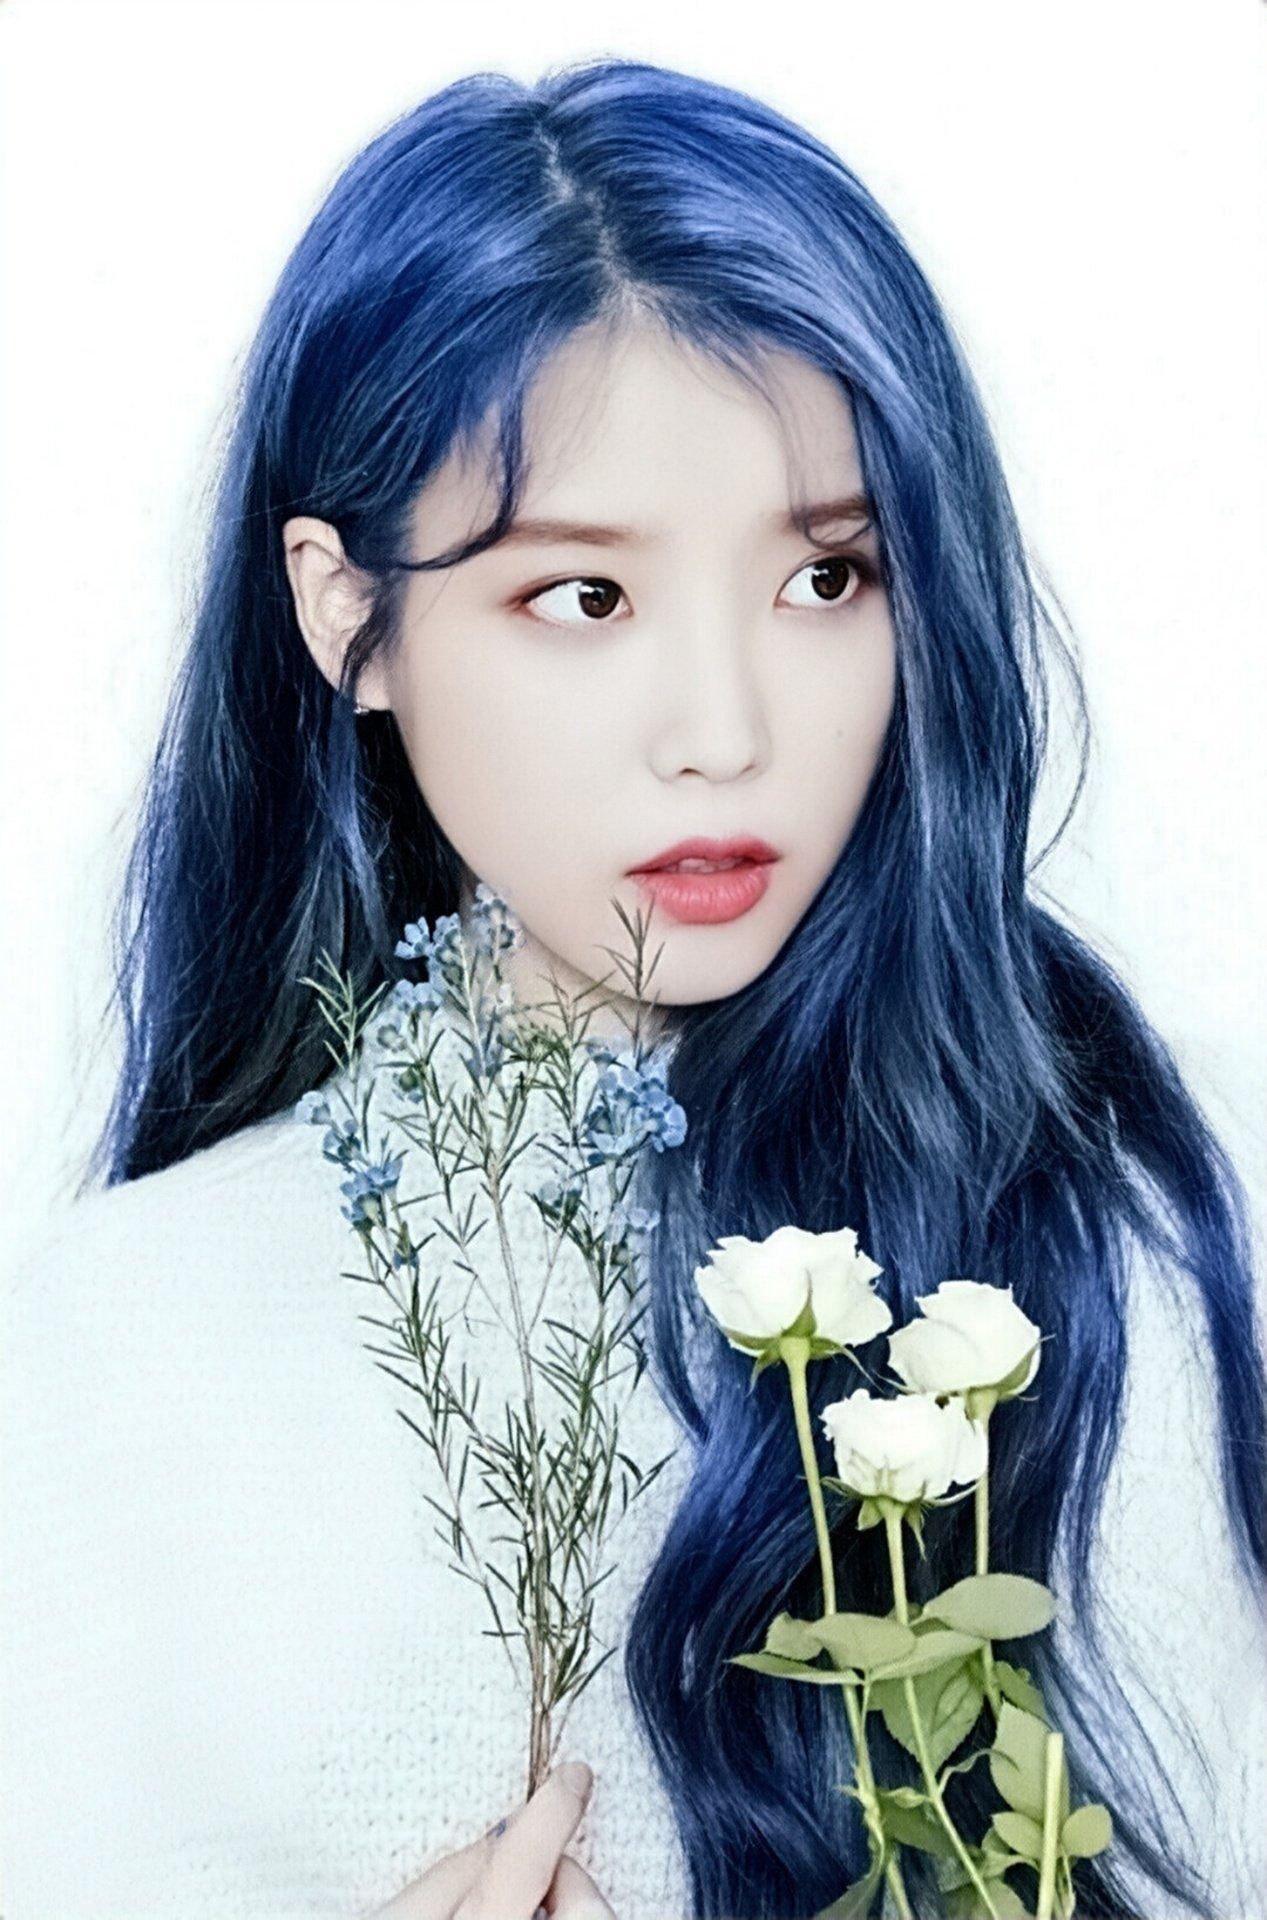 내별? on Twitter | Iu hair, Blue hair, Purple hair